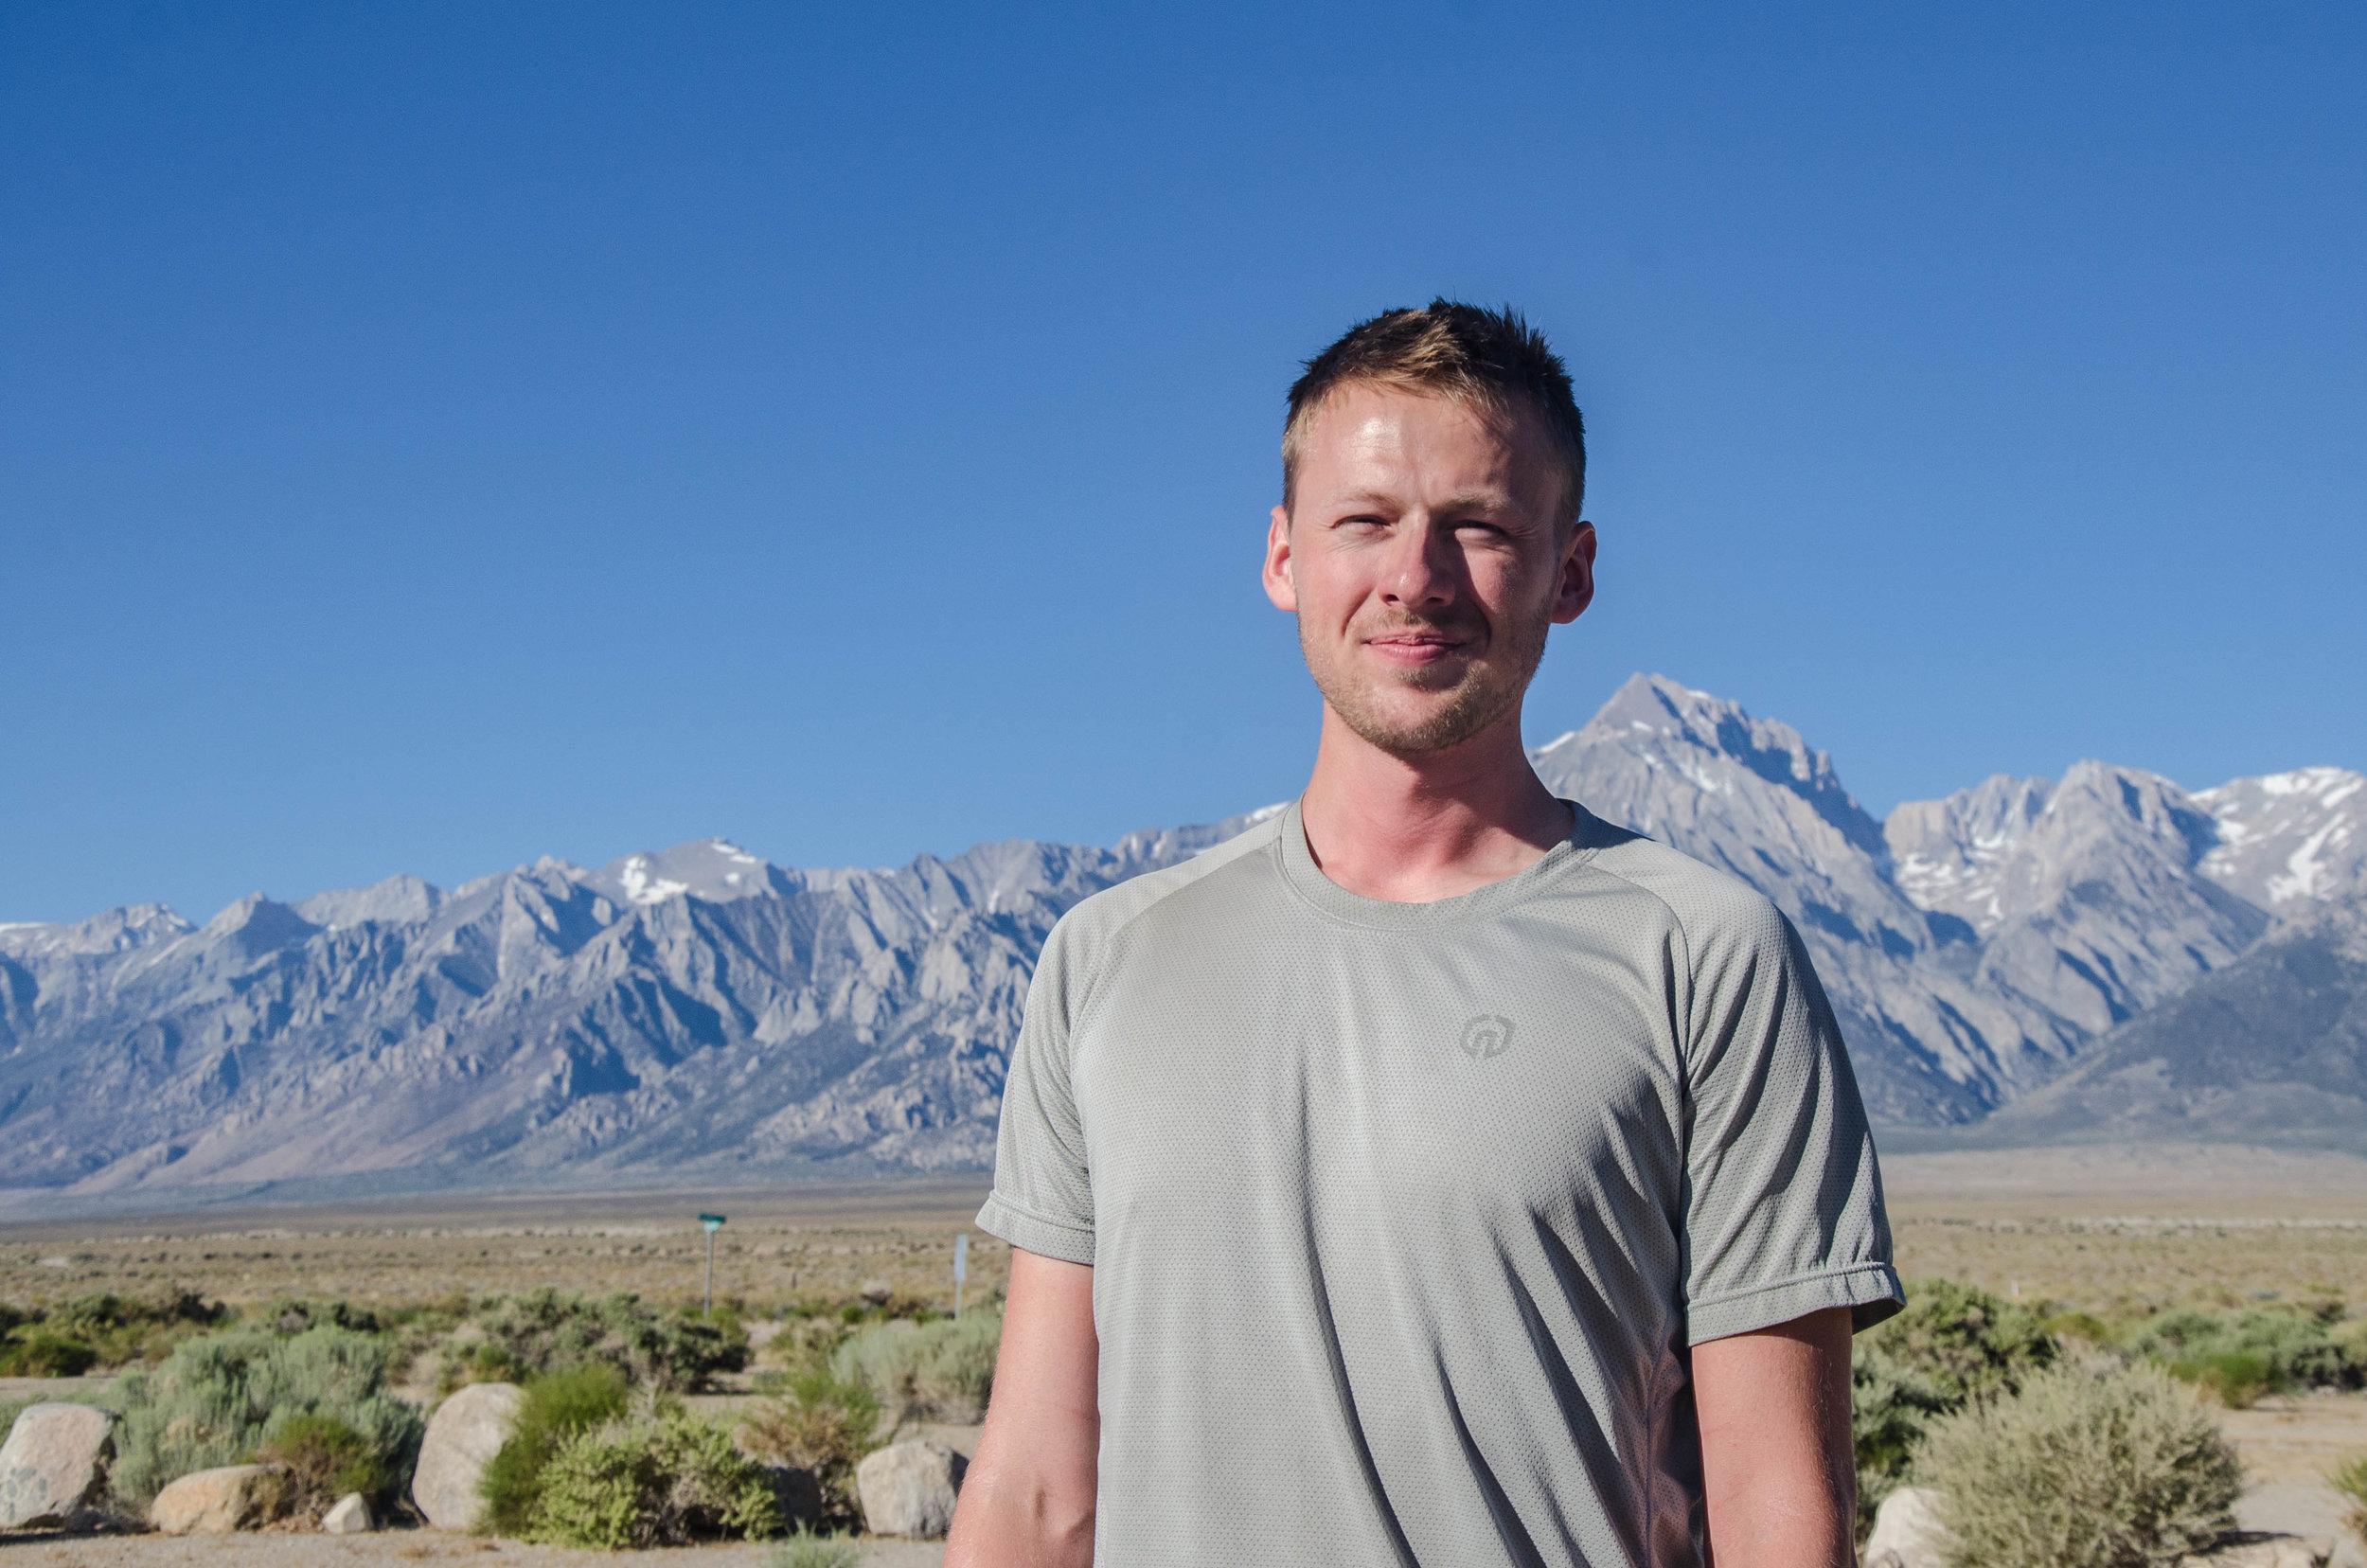 JMT hiker Ben